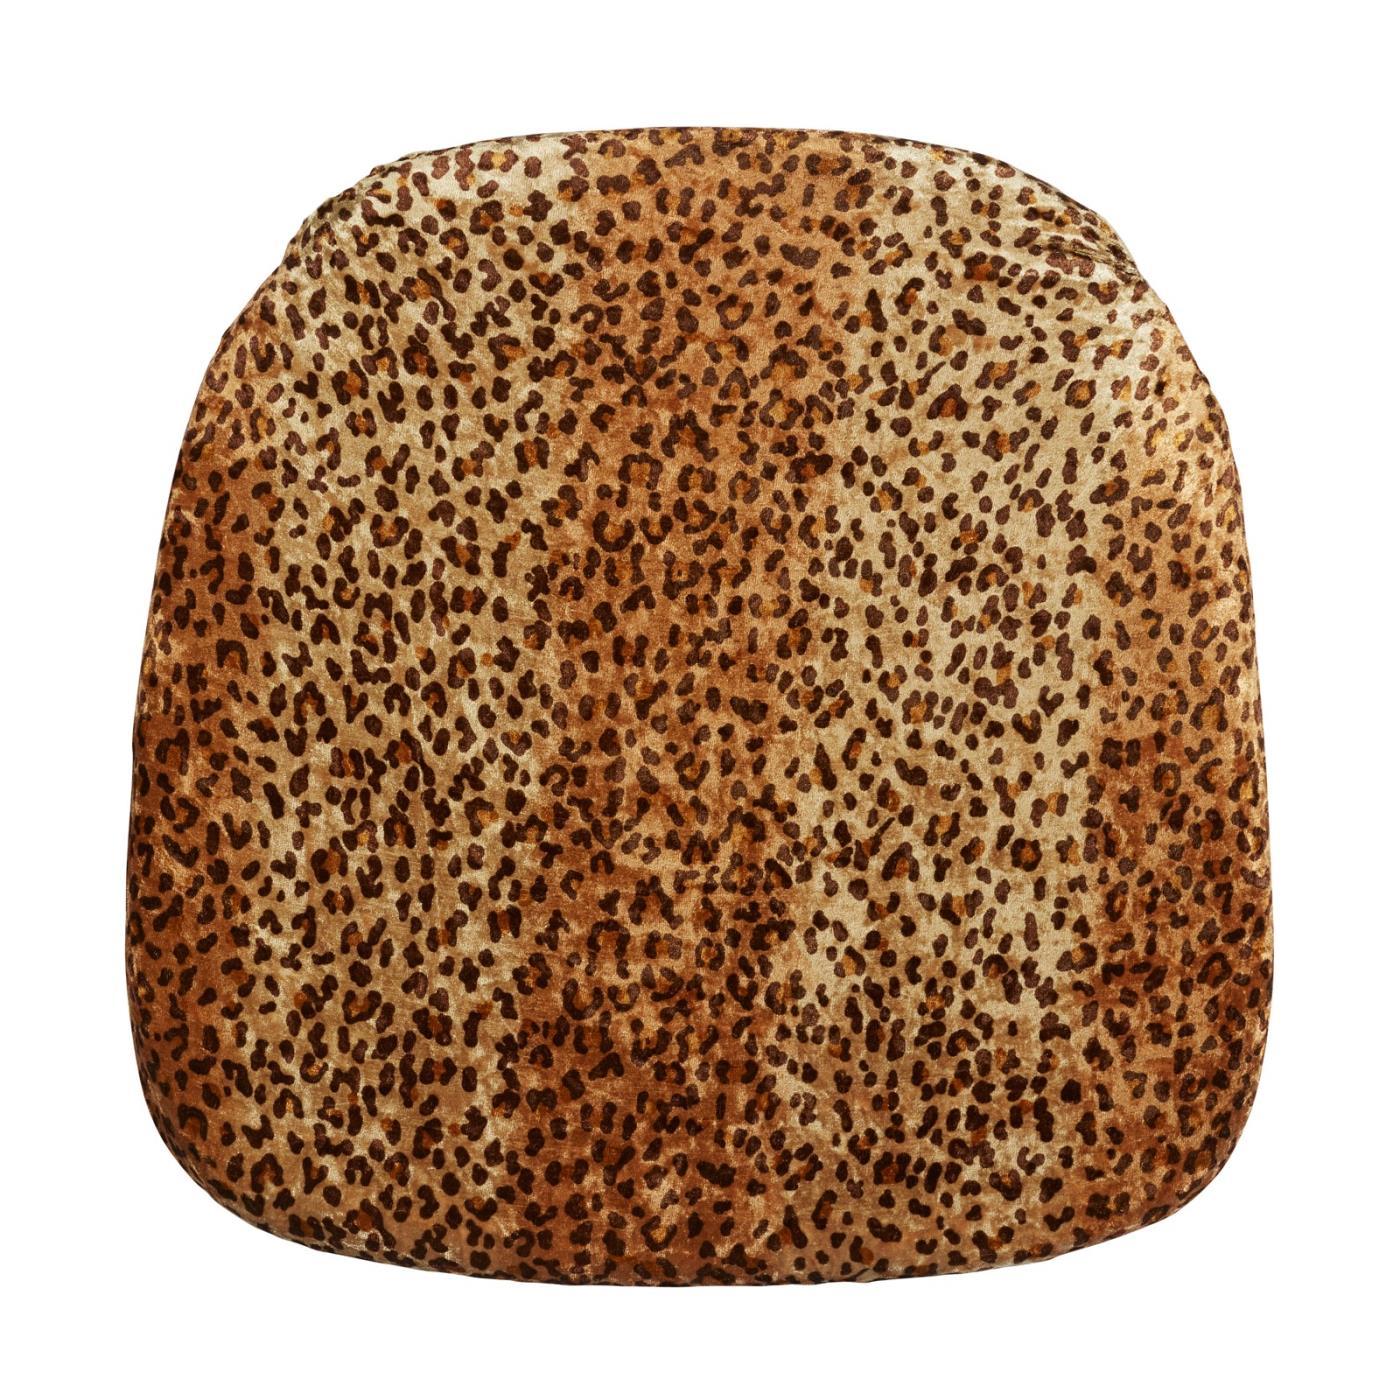 Velvet Seat Cushion - Cheetah